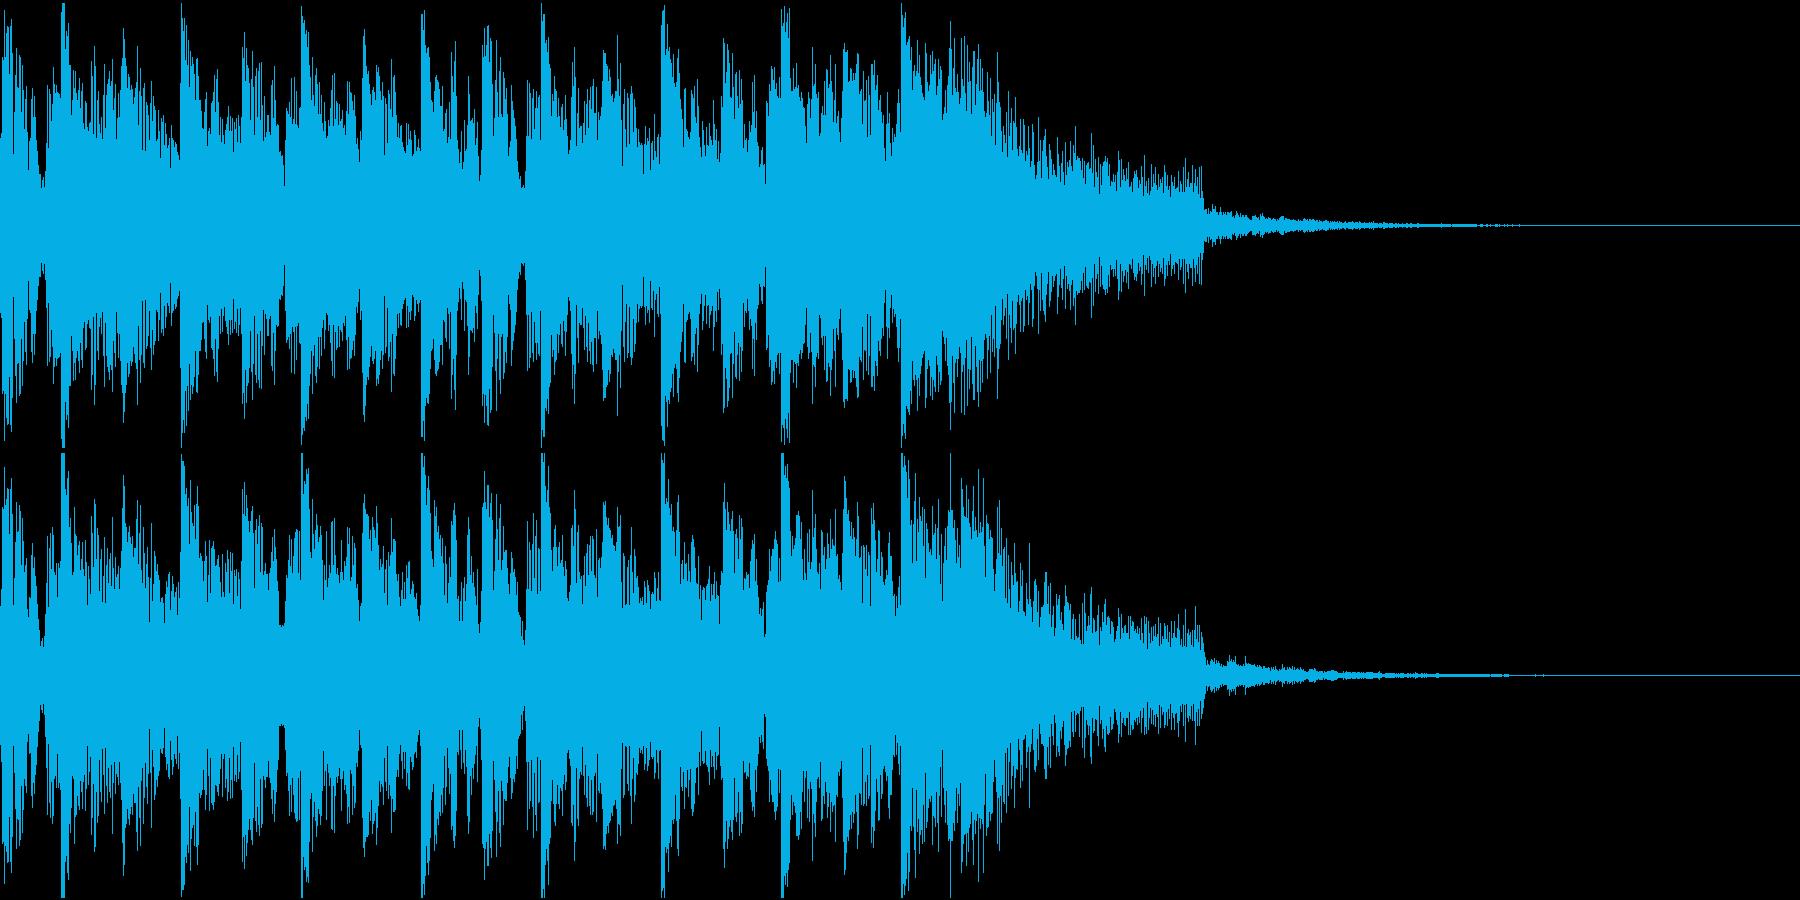 ニュース ラジオ テクノジングルの再生済みの波形